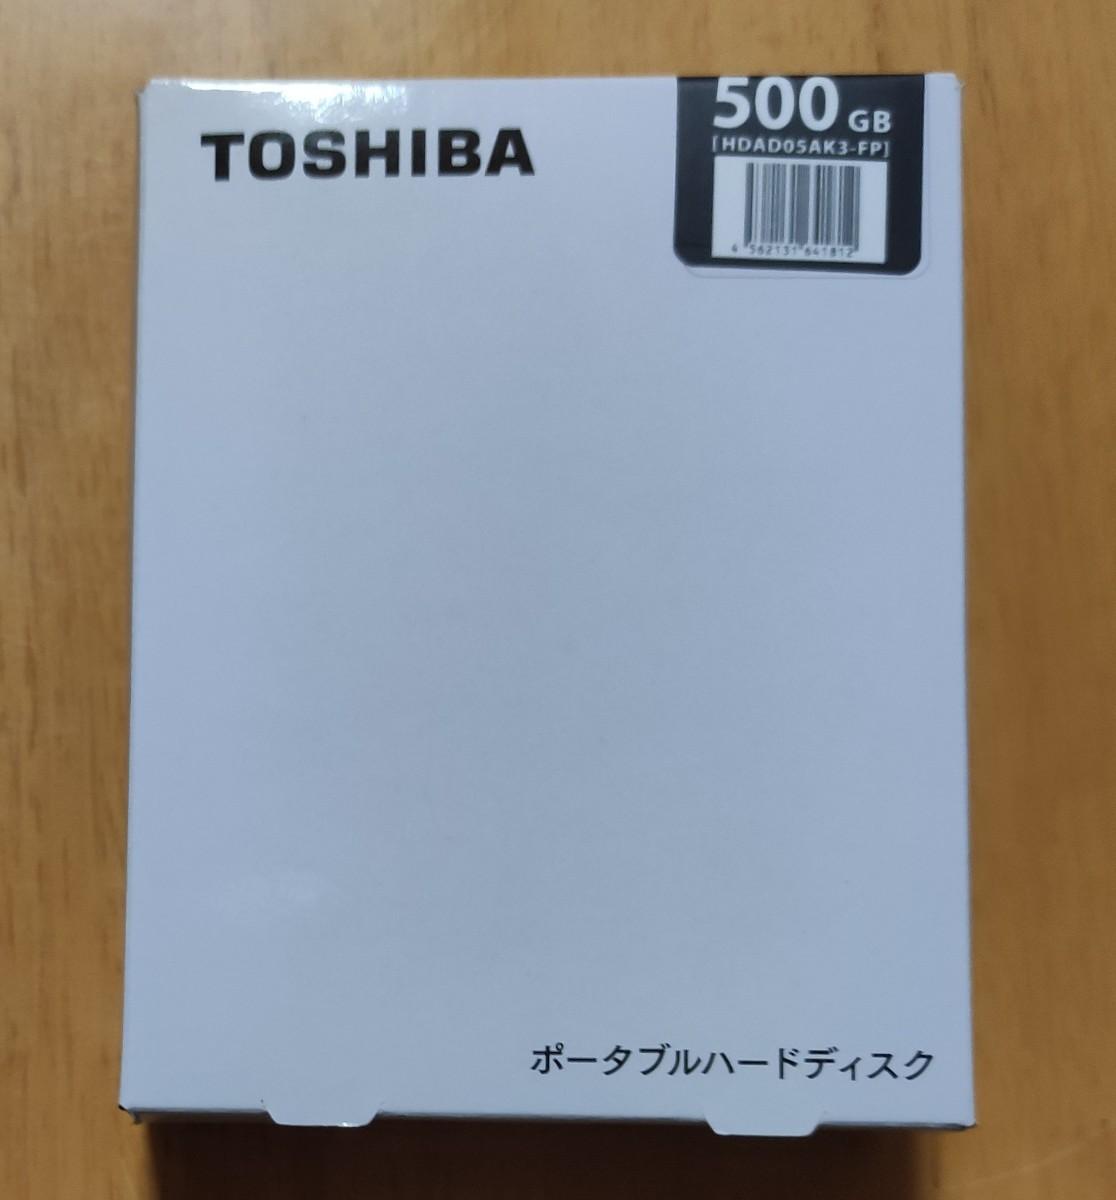 新品未開封品 500GB ポータブルHDD 東芝製  外付けHDD  USB3.0 TOSHIBA ポータブルハードディスク